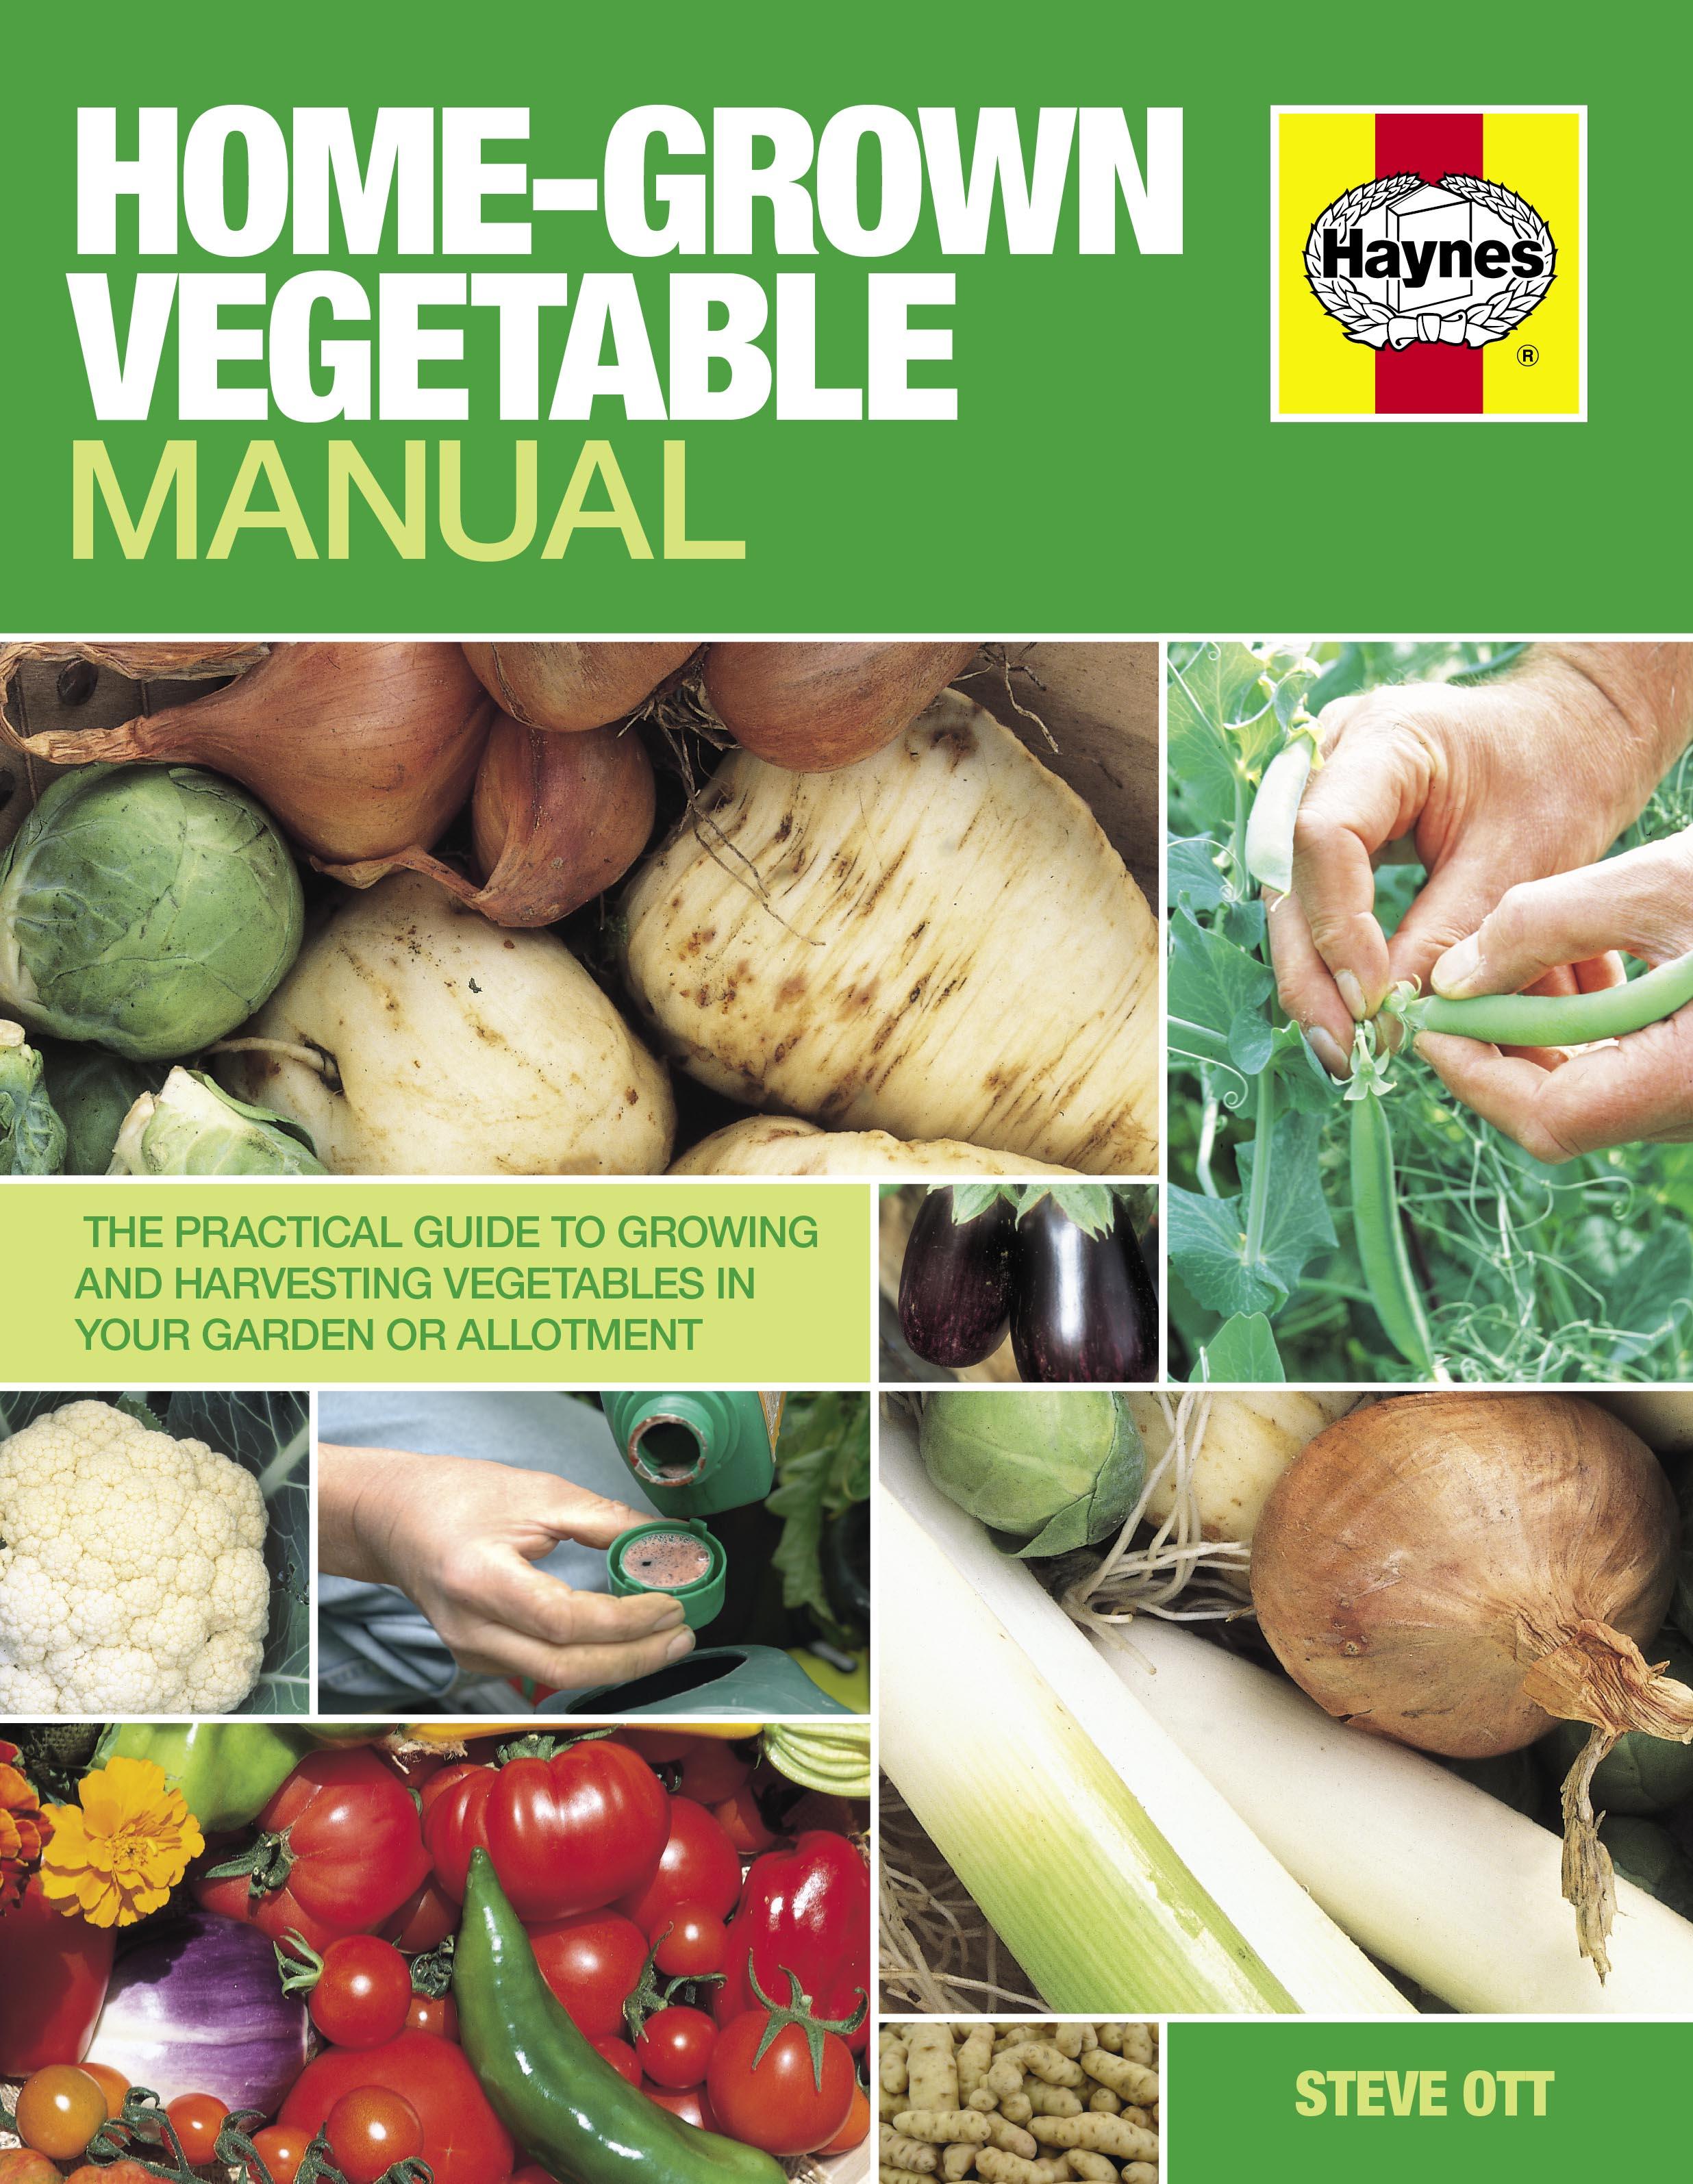 Home Grown Vegetable Manual